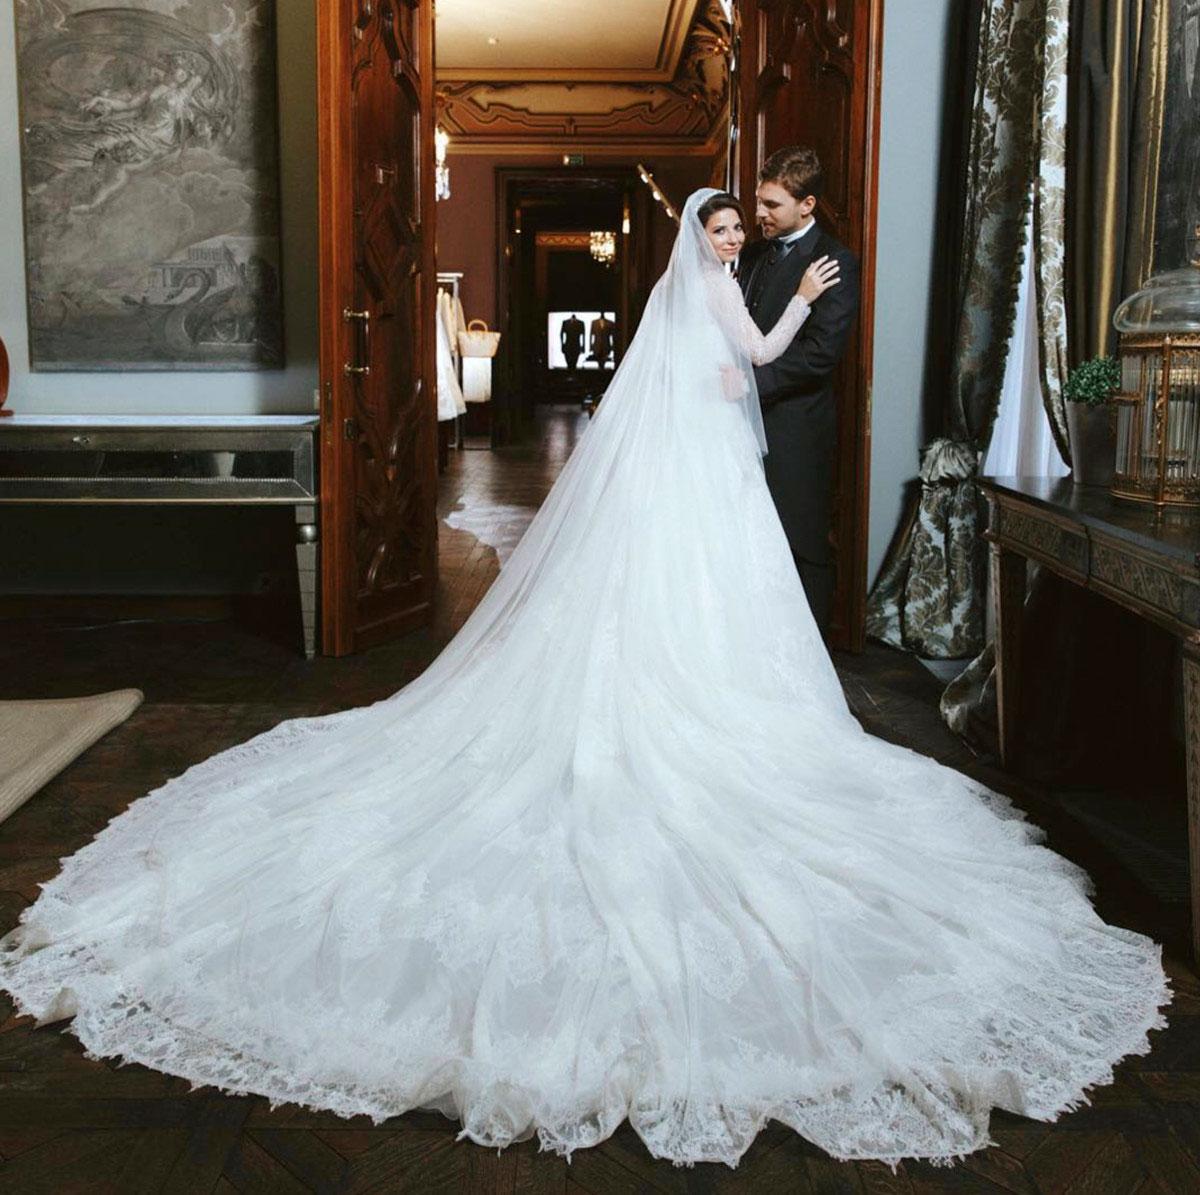 автором платья для Галины Юдашкиной стал ее папа Валентин. На подвенечный наряд ушло 44 метра ткани и больше 30 тысяч жемчужин.